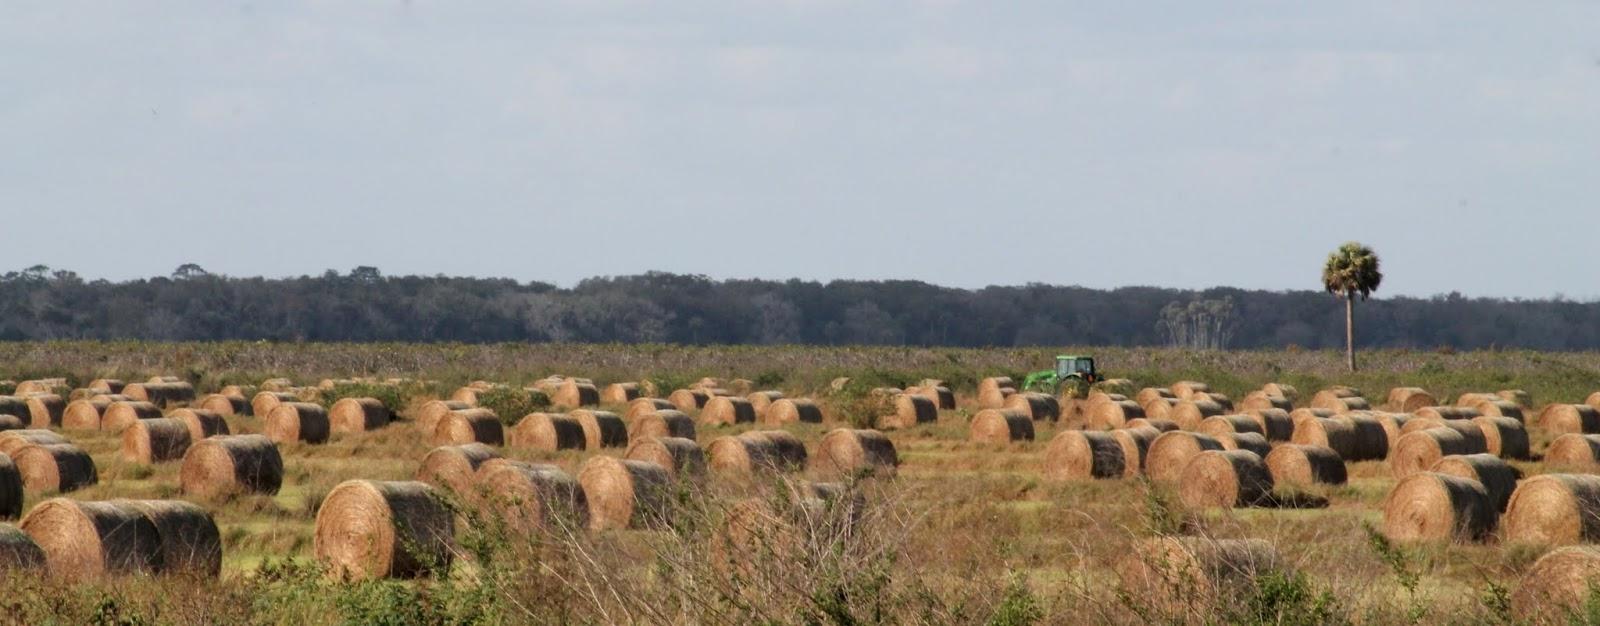 Balas de heno en los campos de Highlands County